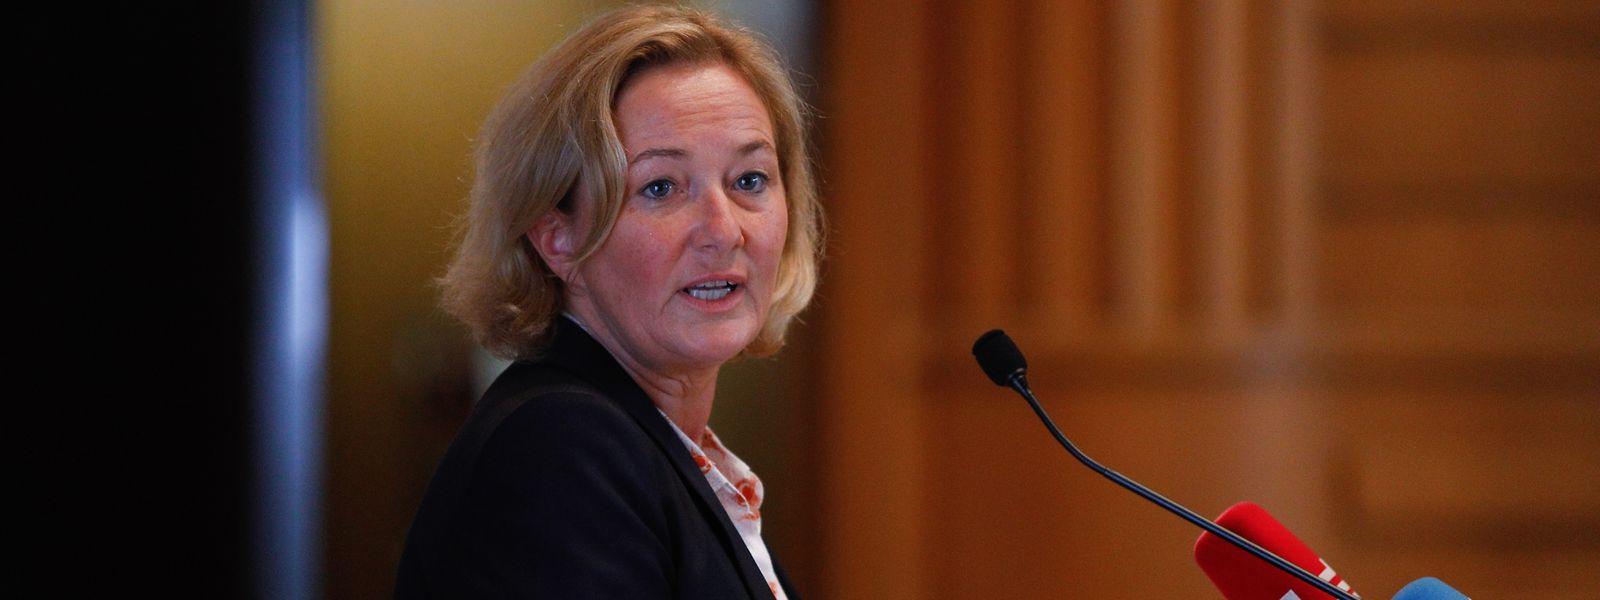 Die Gesundheitsministerin zog am Freitag Bilanz. Luxemburg habe die Covid-Krise bislang recht gut gemeistert, so Paulette Lenert.